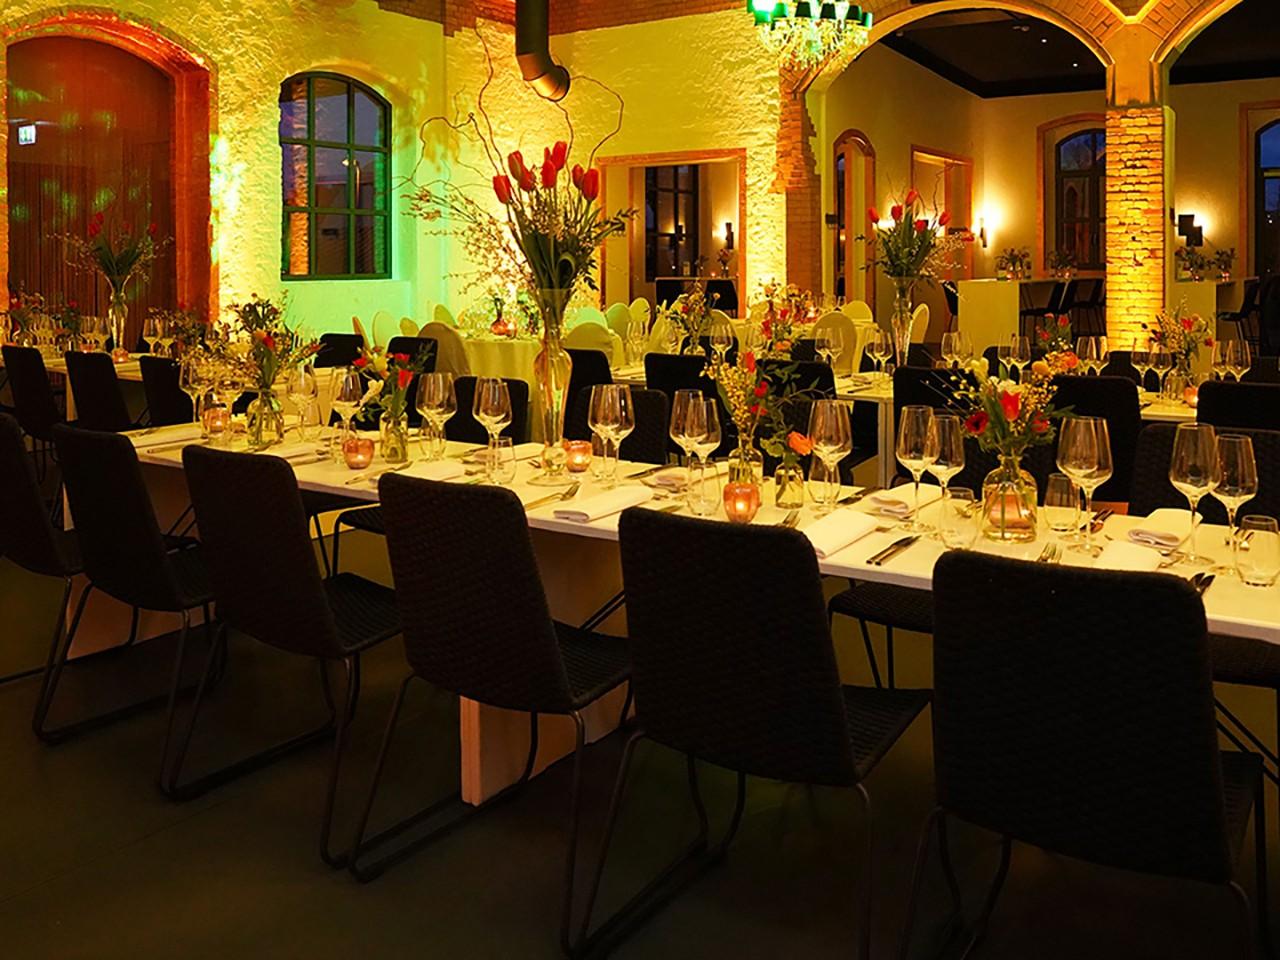 wartehalle-berlin_dinner04_1280x960px